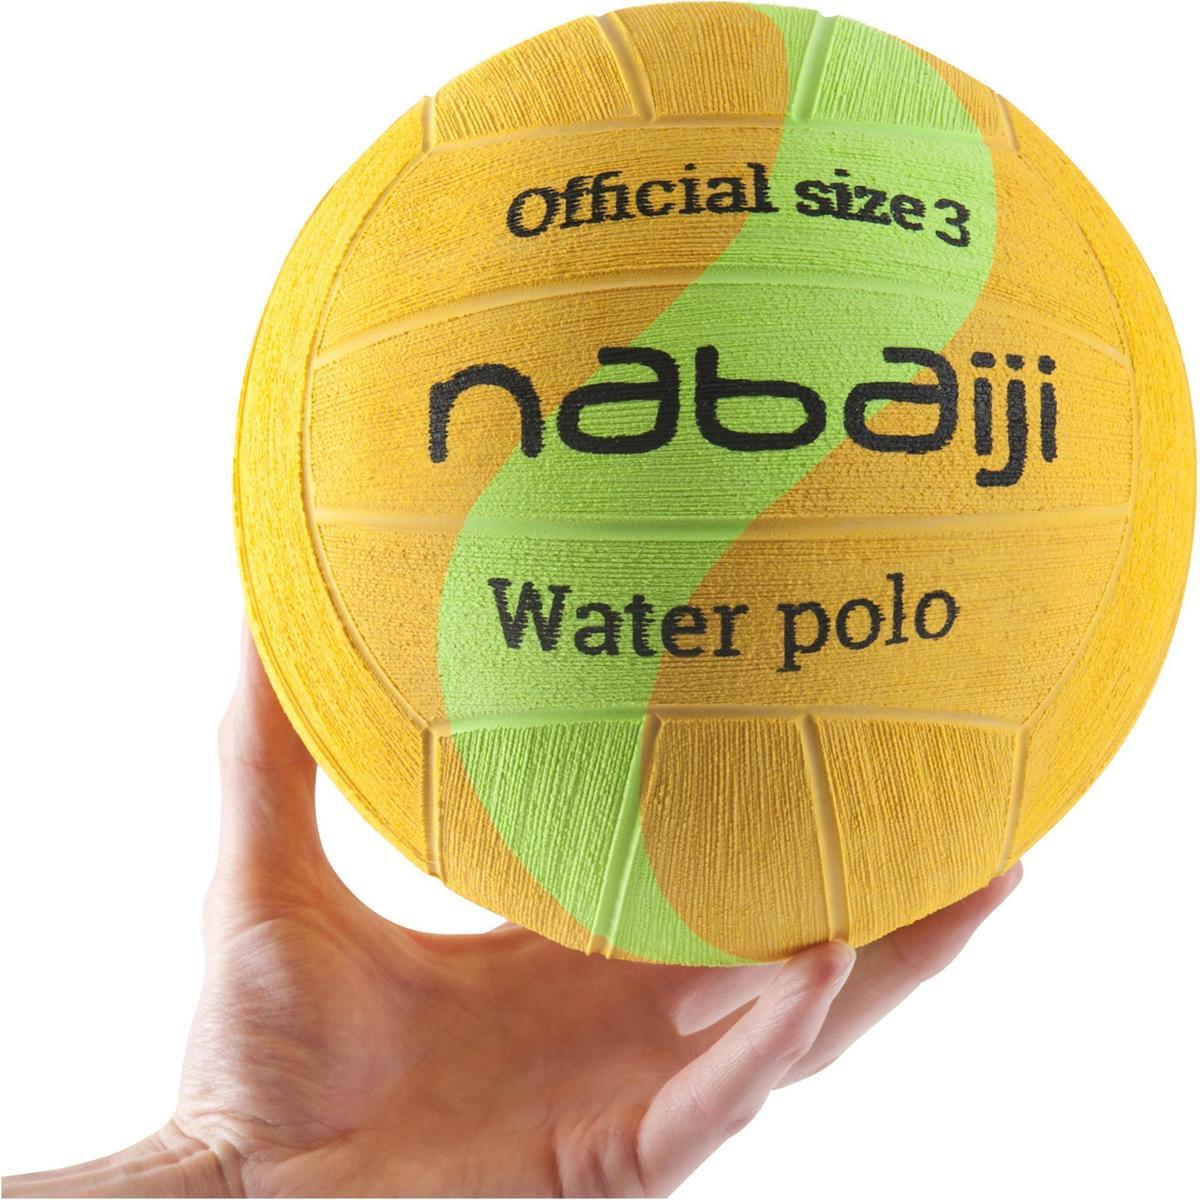 Bild 3 von Wasserball Water Polo Größe 3 gelb/grün